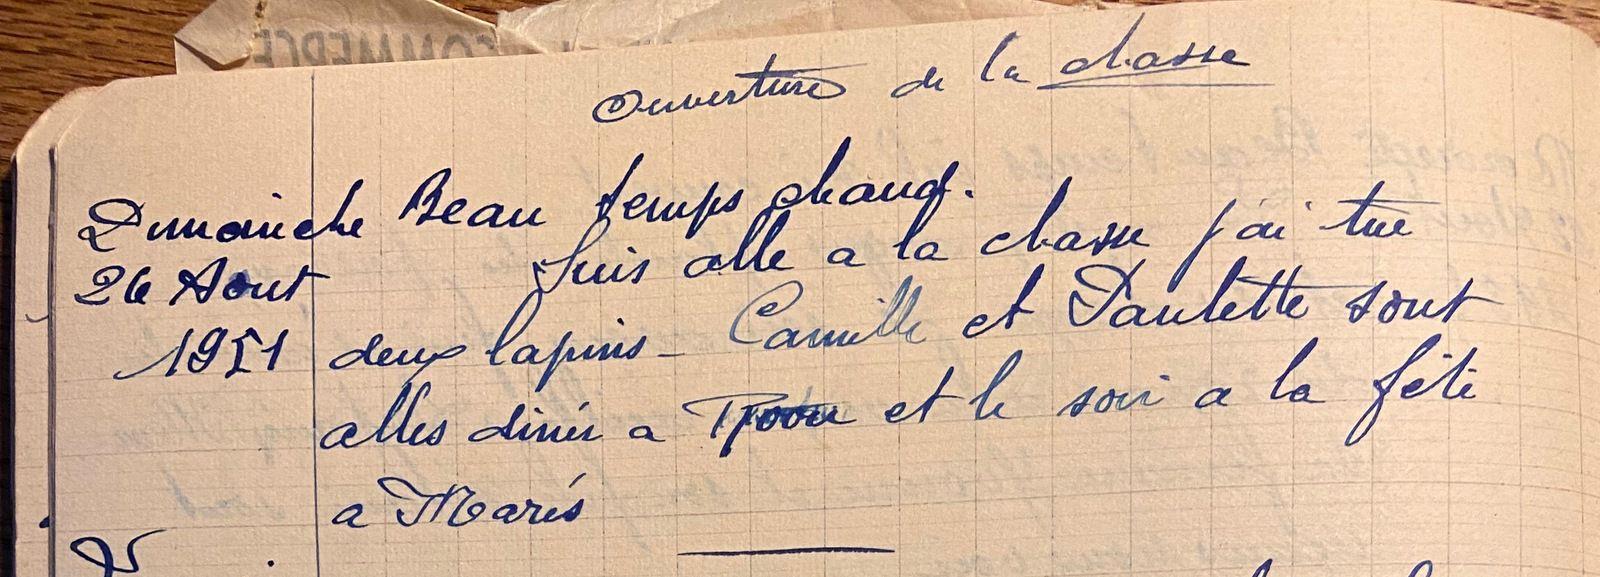 Dimanche 26 août 1951 - les deux lapins